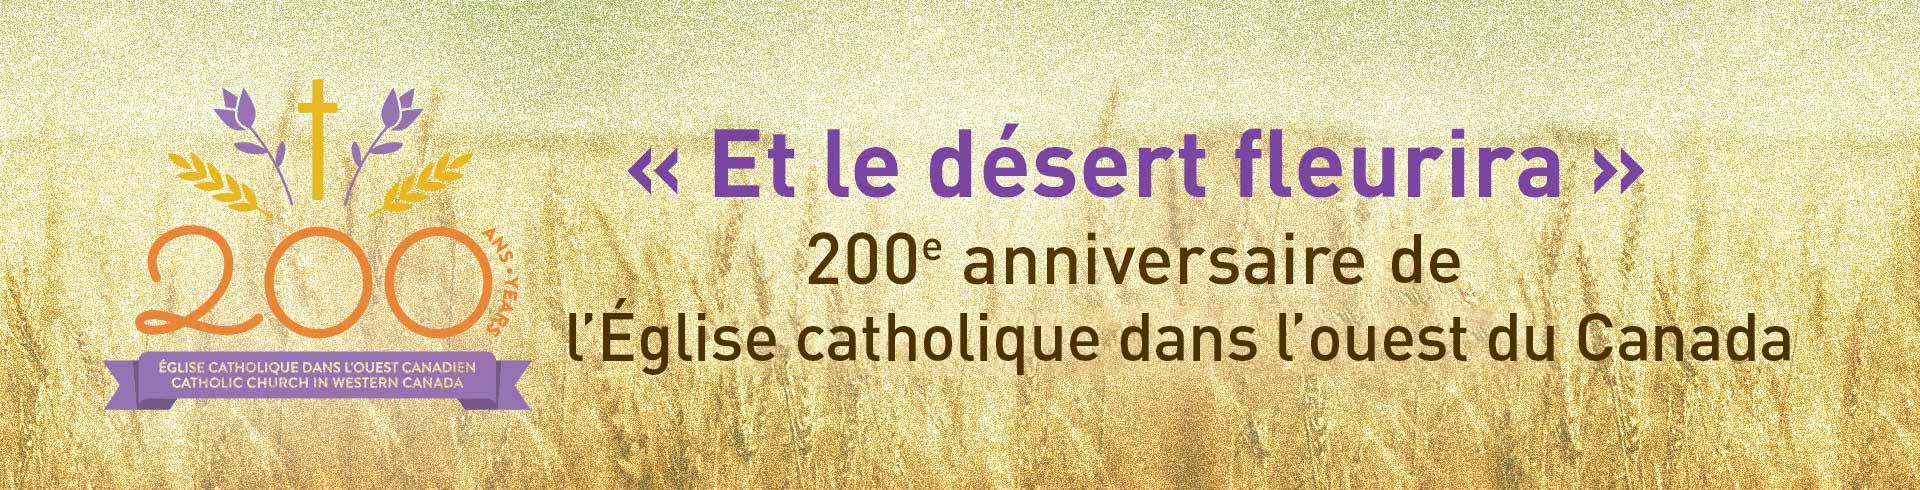 200e anniversaire du diocèse de Saint-Boniface